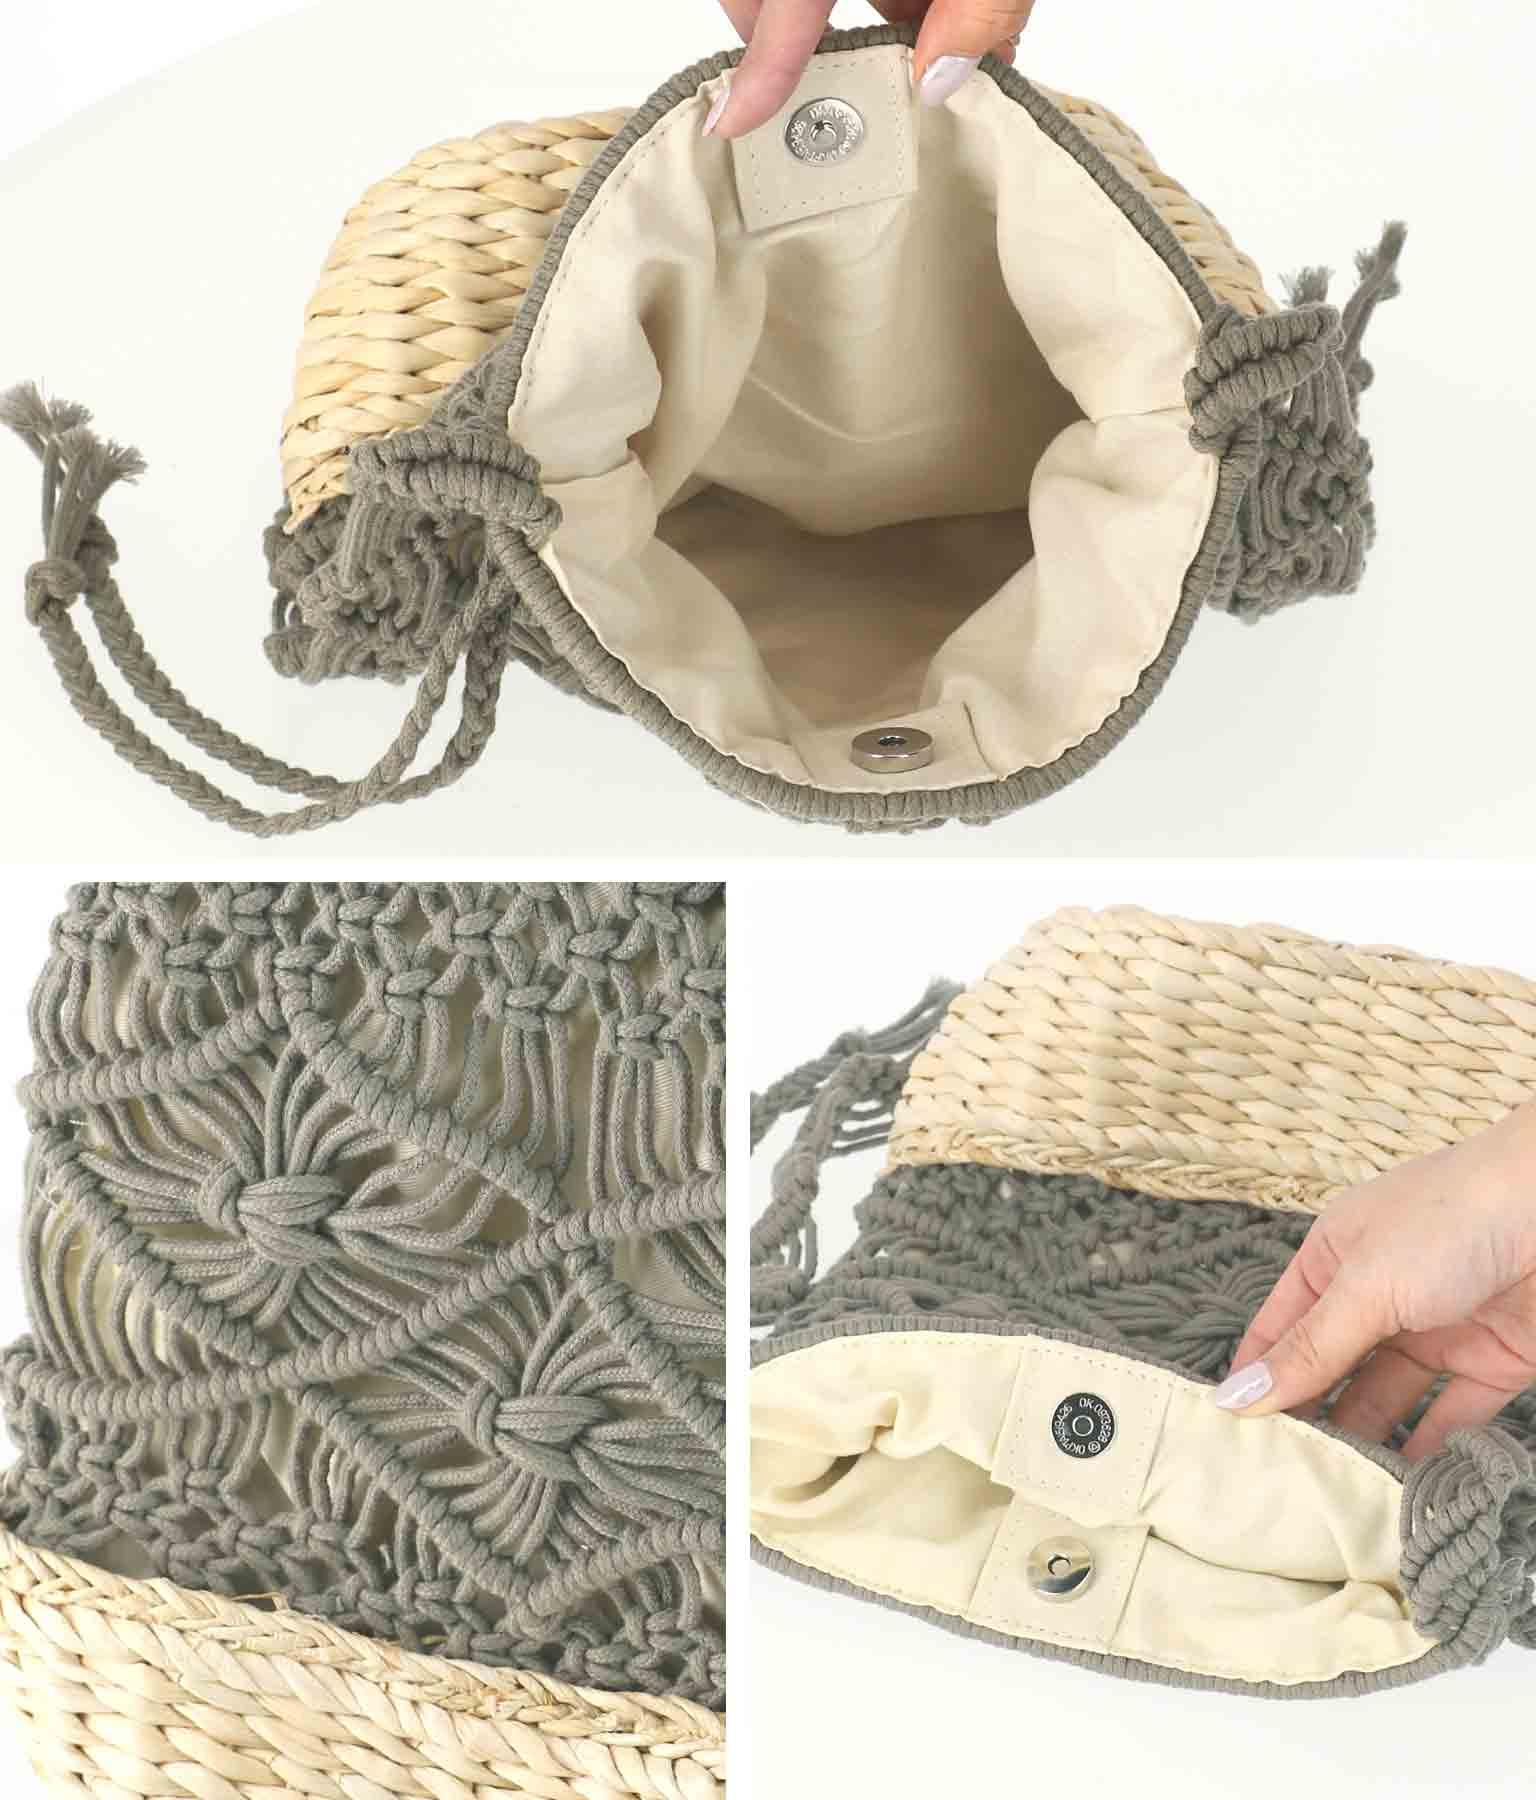 マクラメ×ラフィアショルダーバッグ(バッグ・鞄・小物/ショルダーバッグ) | CHILLE